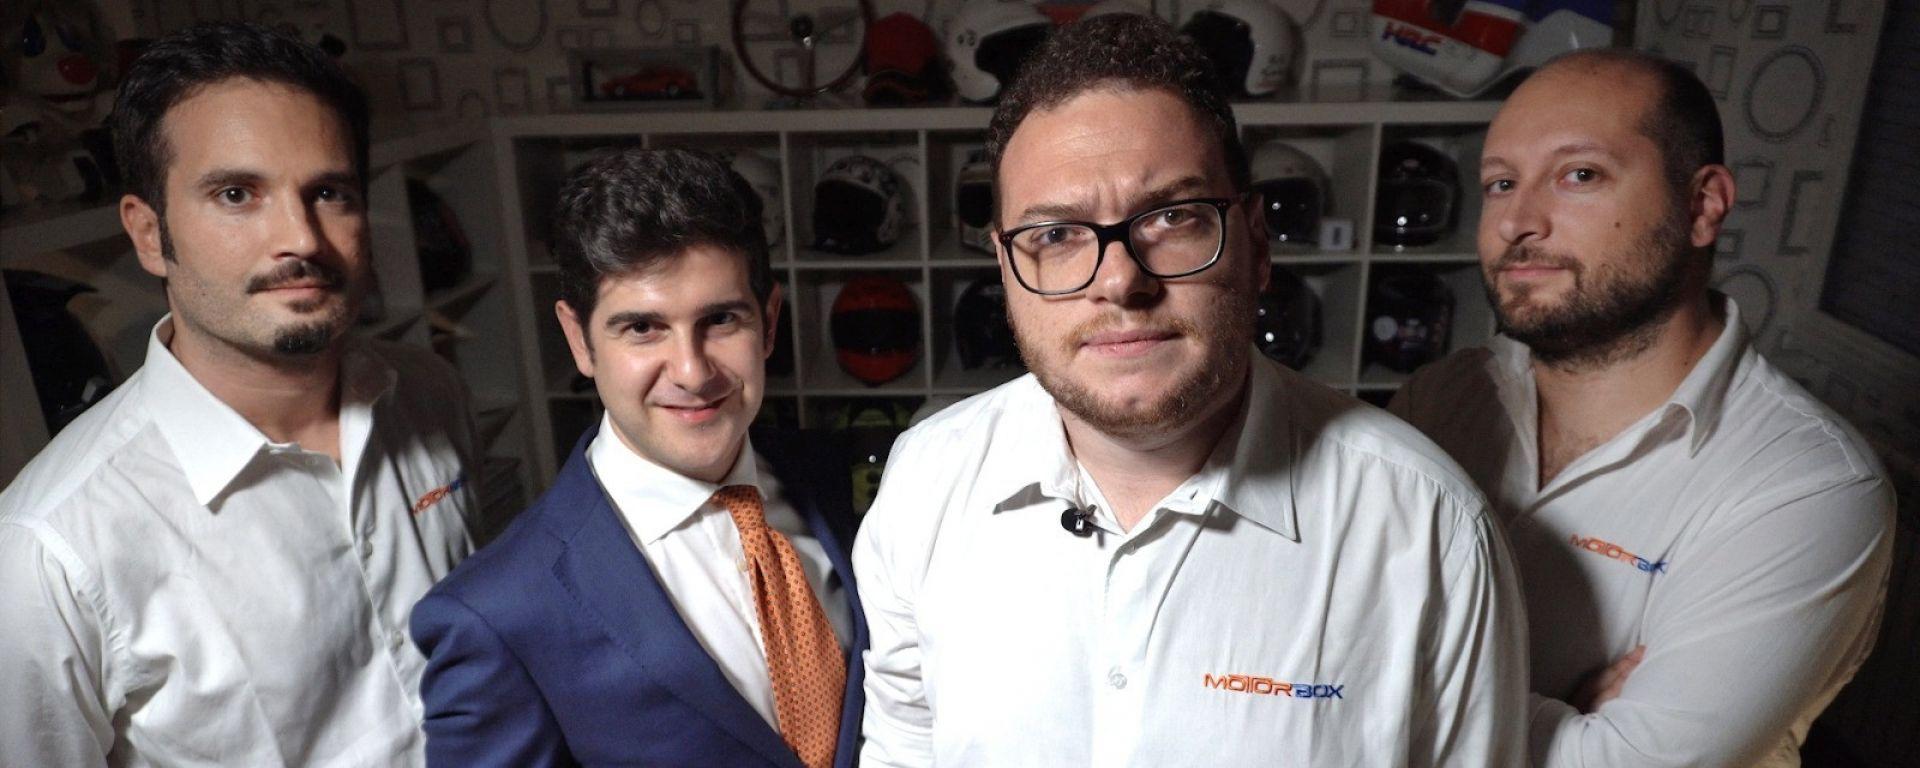 RadioBox, i conduttori della nuova trasmissione in streaming sul motorsport di MotorBox